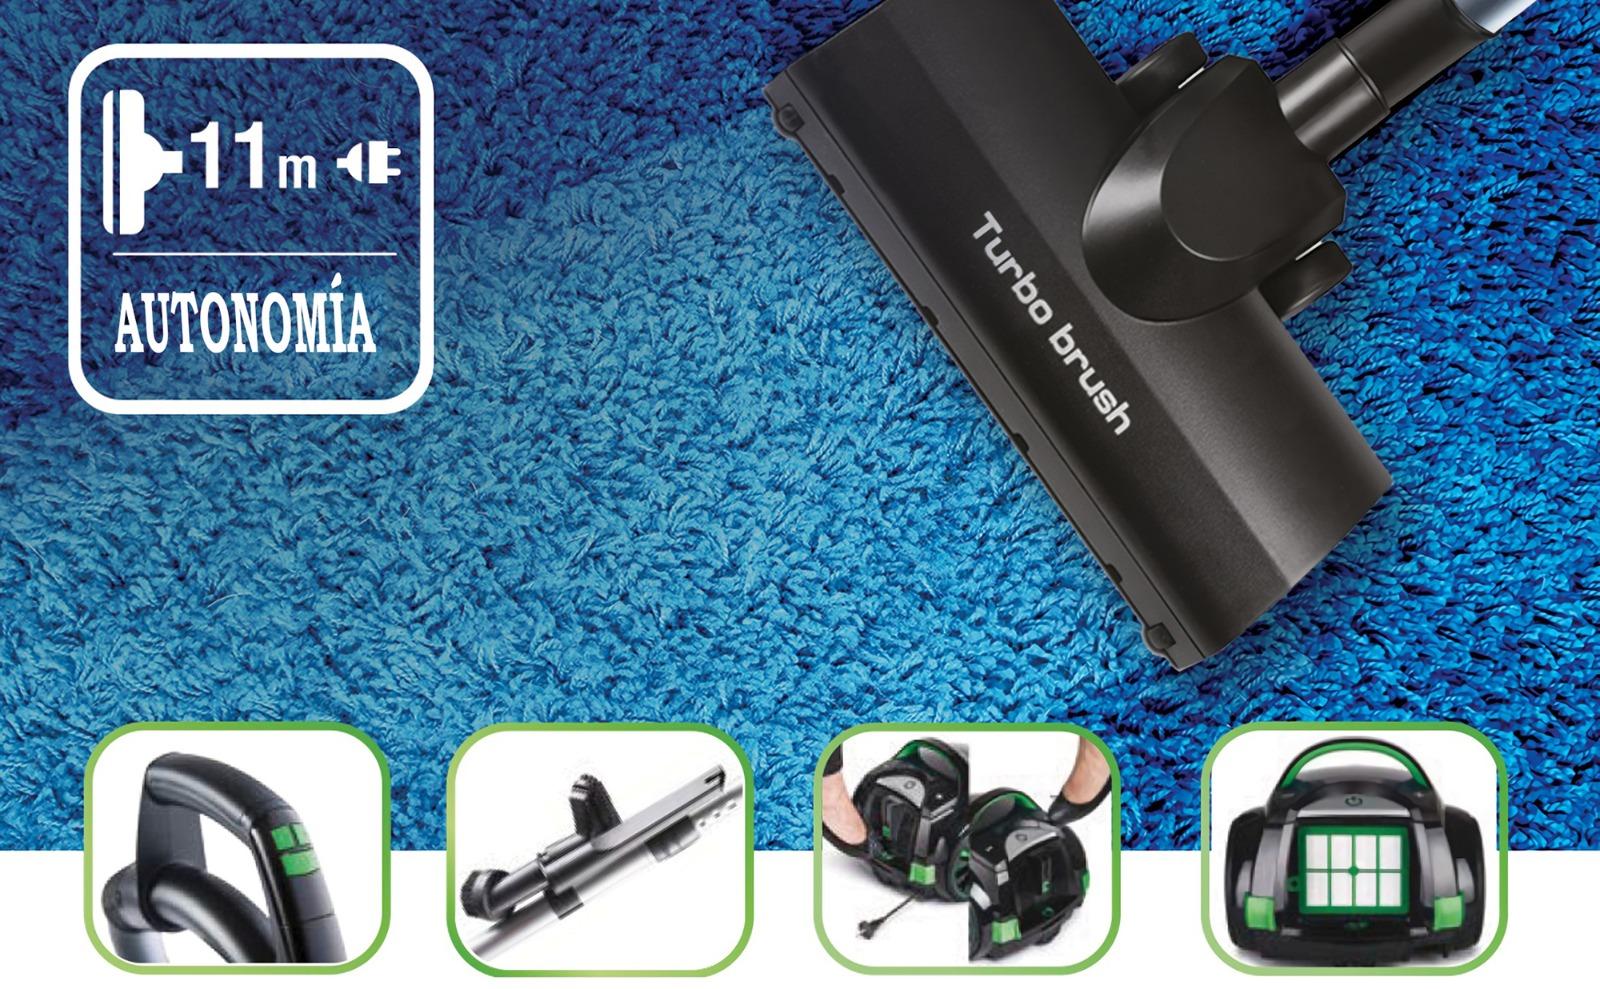 MPM MOD-28 Aspiradora de Trineo con Bolsa 4,5 l, Silenciosa, Varios Accesorios, Panel de Control LED, Cable 8 m, 10 Bolsas, Filtrado en 4 Etapas, HEPA 13, 750 W